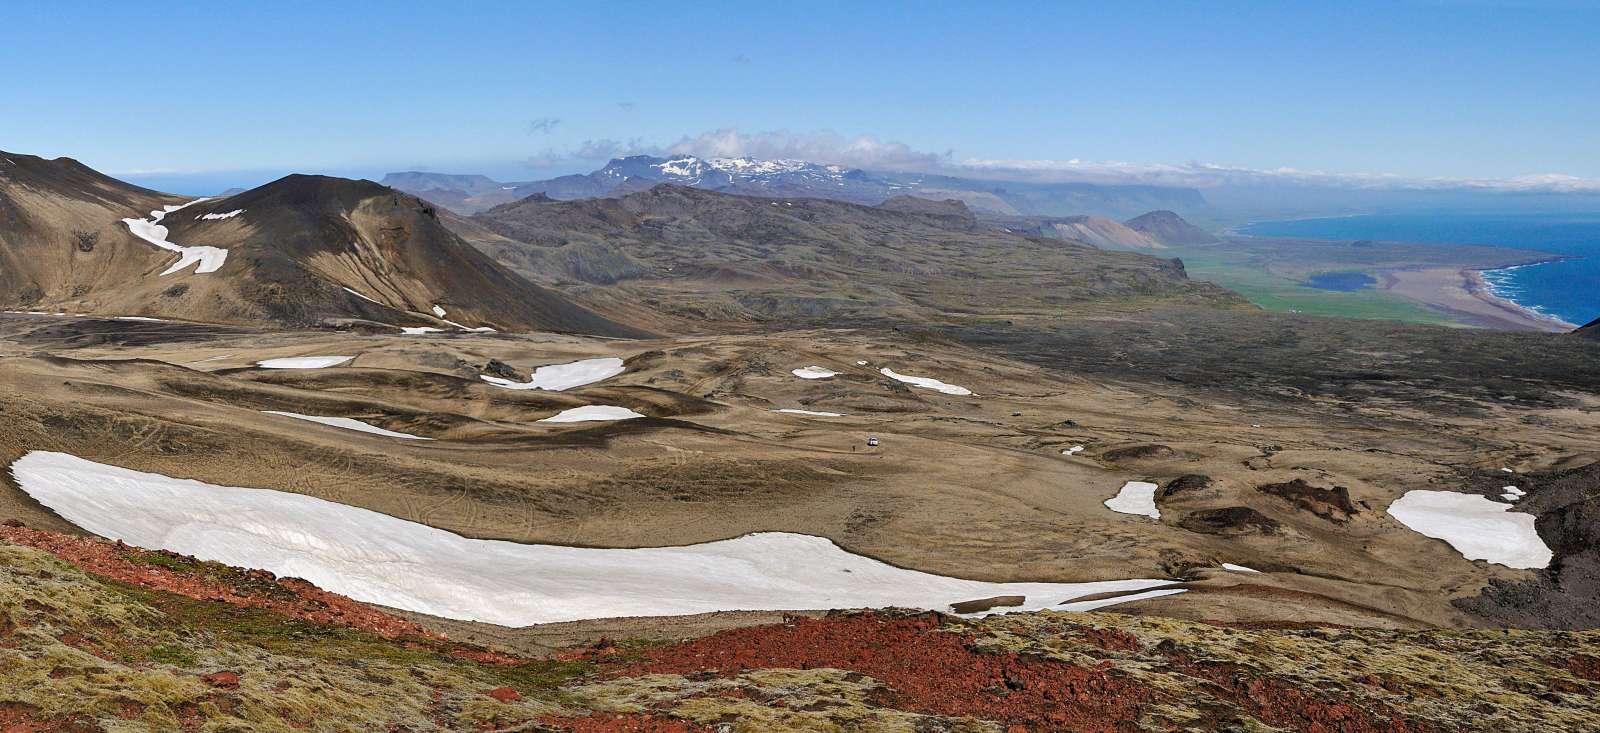 Voyage à pied : Balade romanesque en Islande